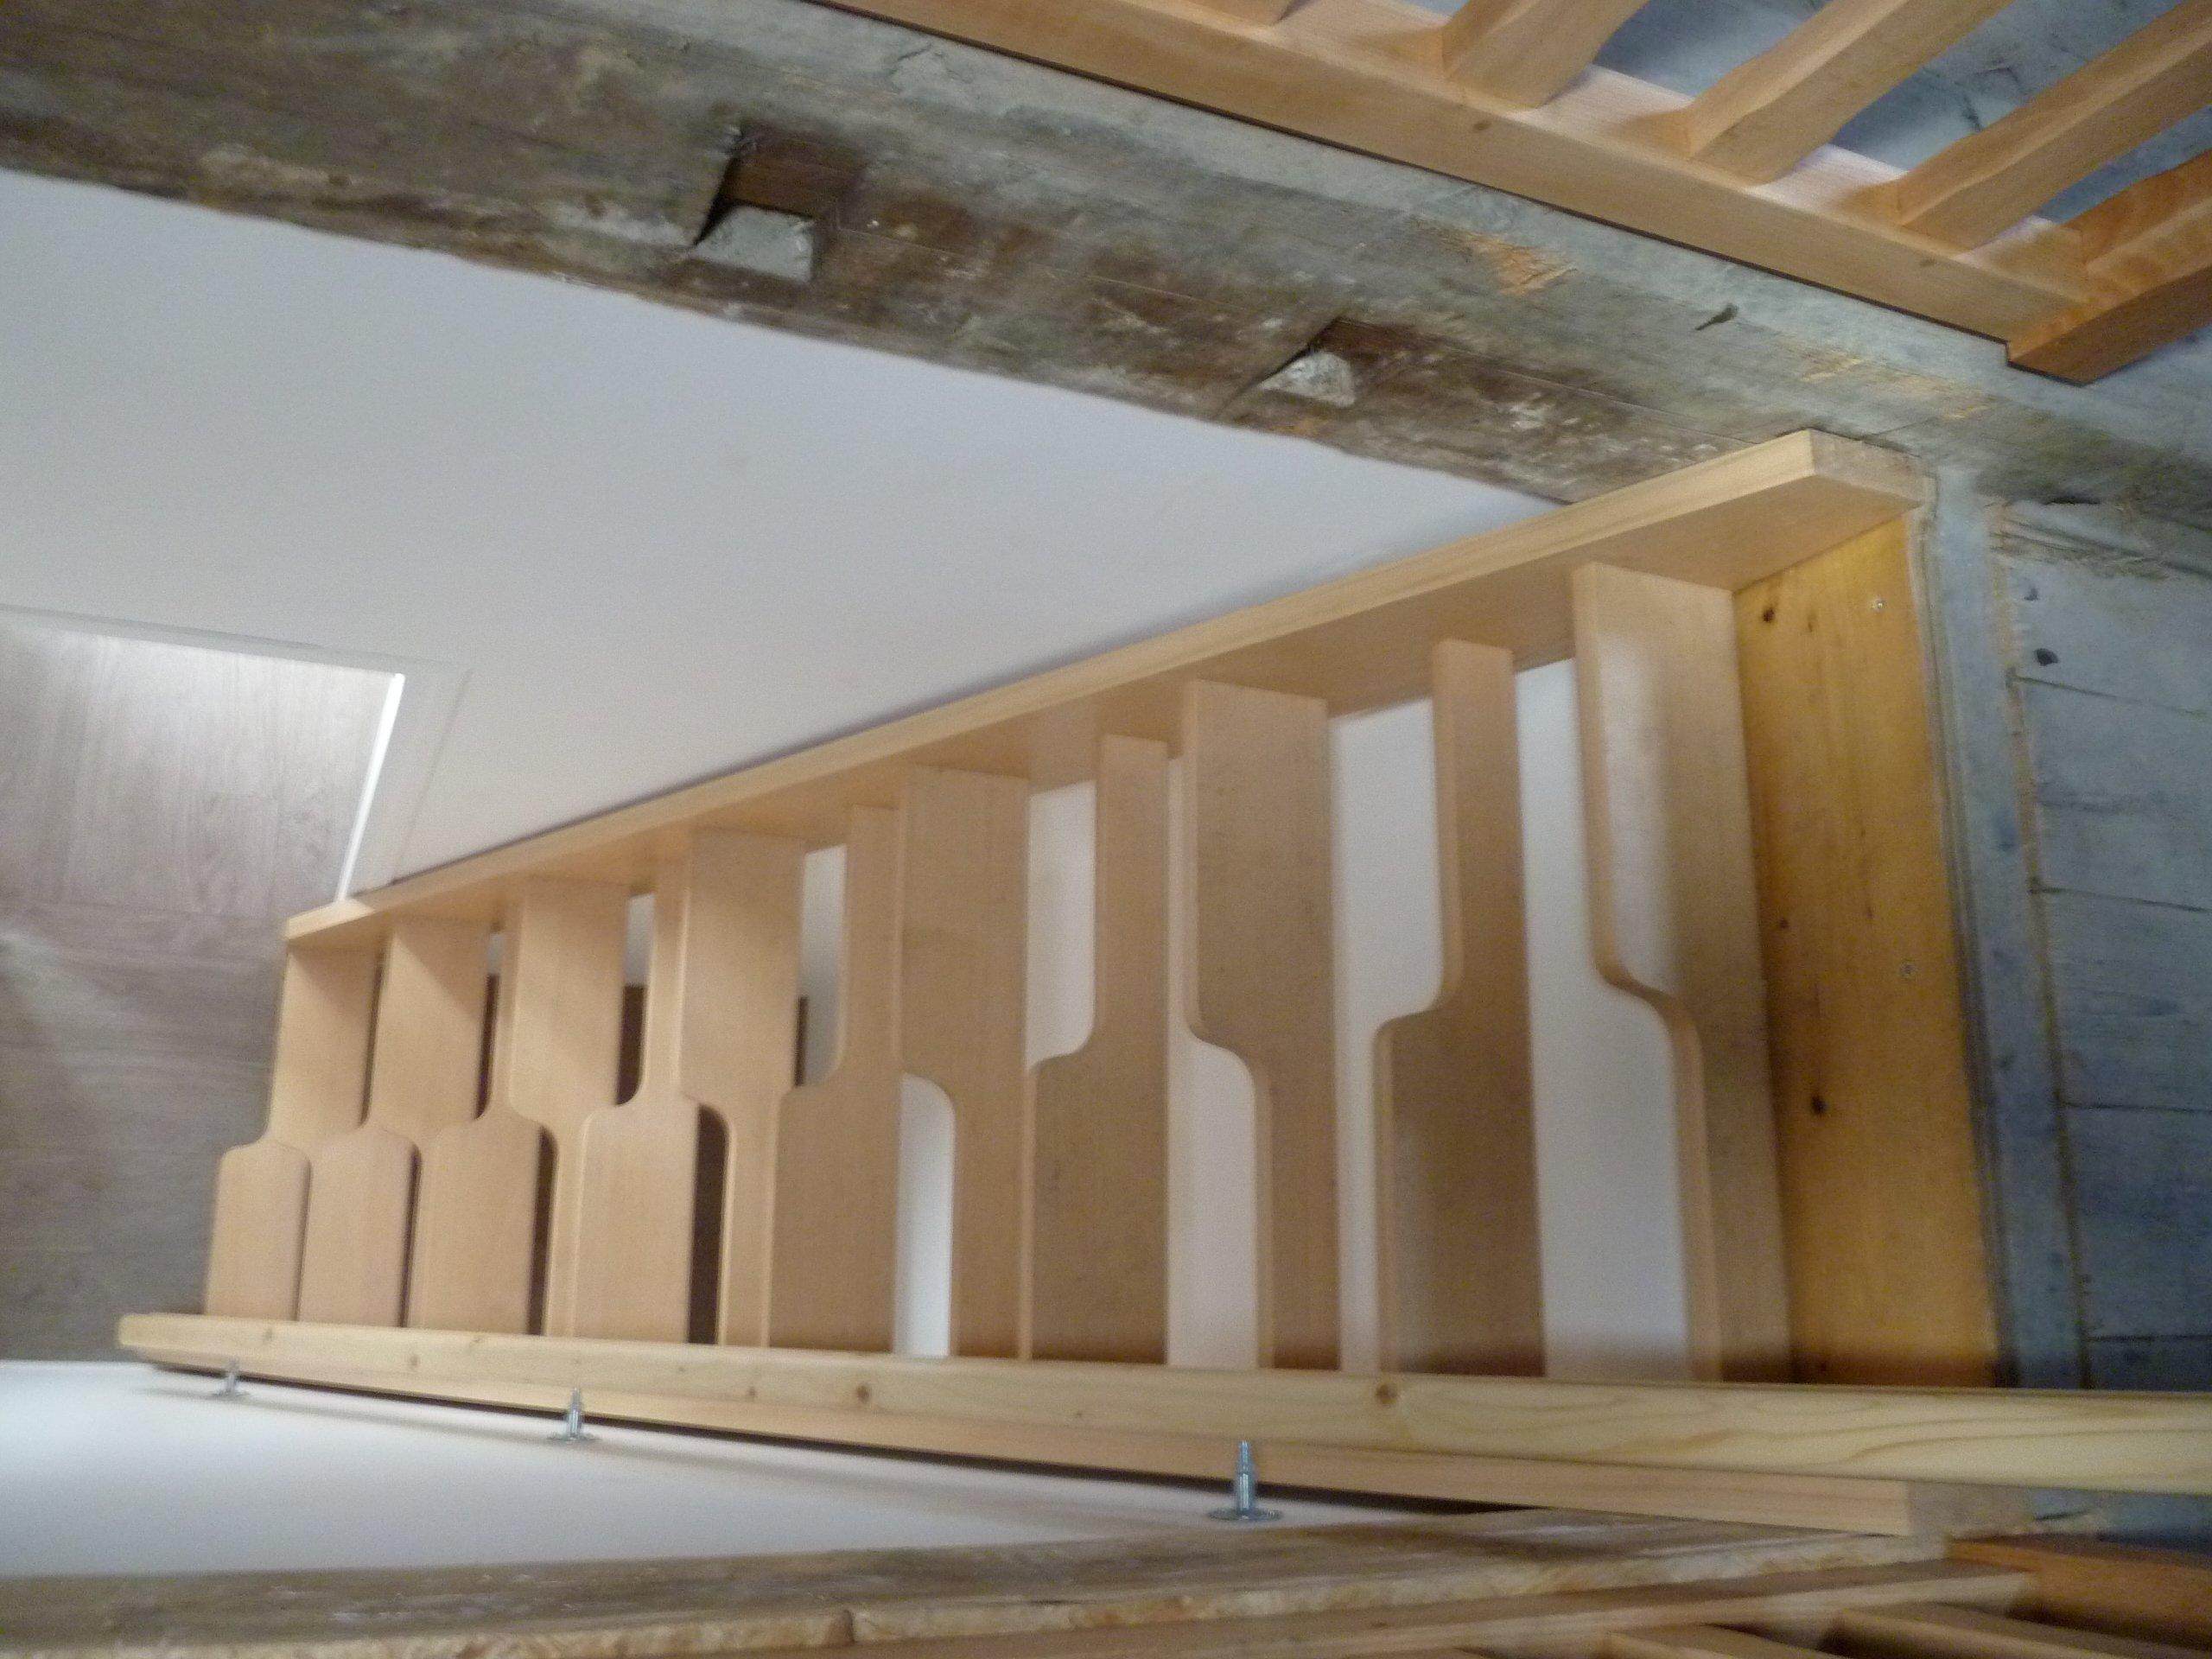 escalier sarl beaun lamouret. Black Bedroom Furniture Sets. Home Design Ideas